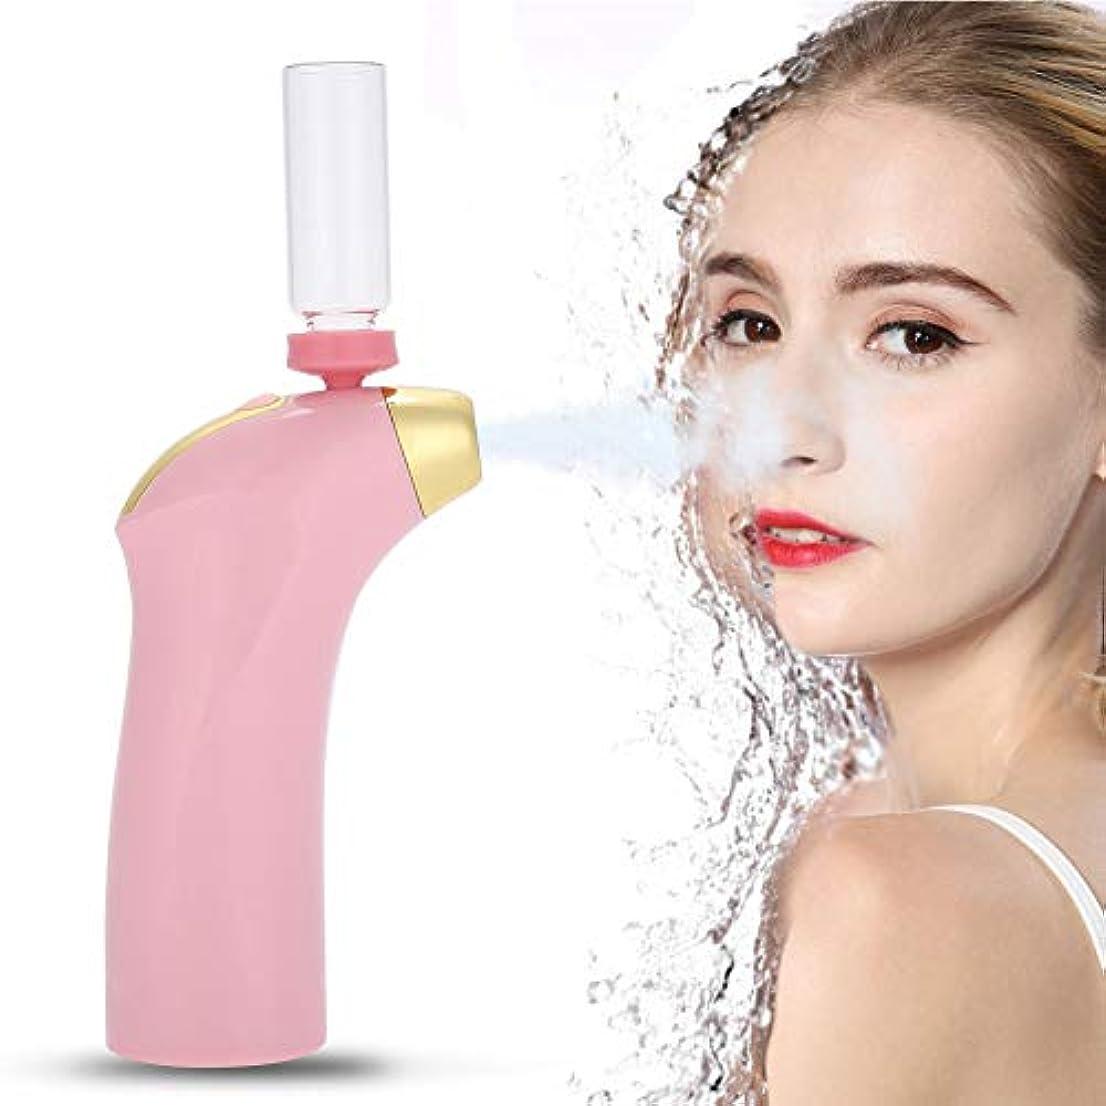 命題主流遺棄された専門の酸素の注入のスプレーガン - 顔の皮の若返りの美機械、顔の美の器械、引き締まる皮は、肌の色合い、色素形成を改善します